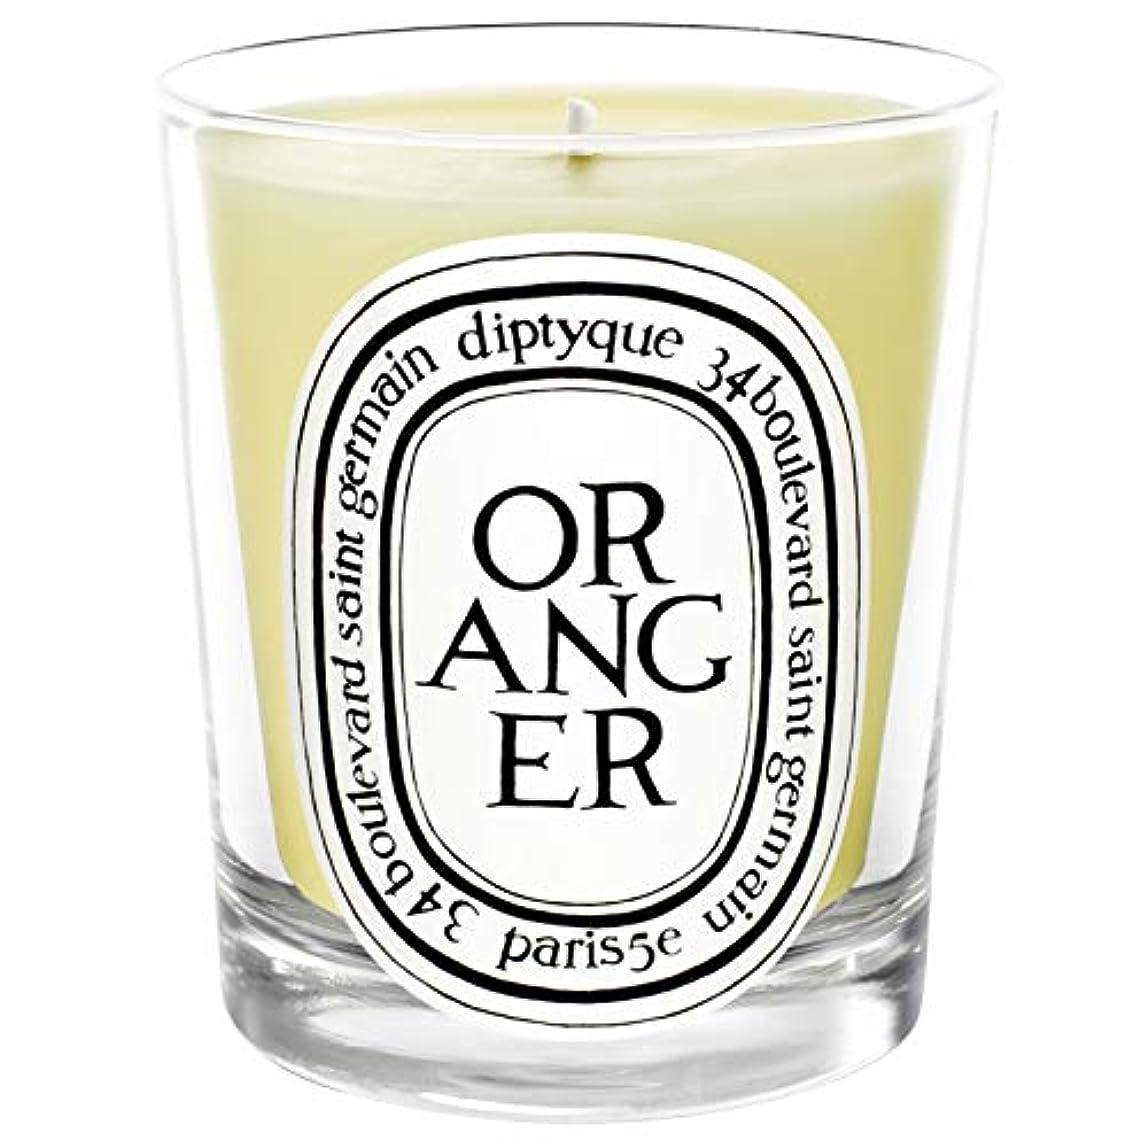 高める小麦ブロー[Diptyque] Diptyqueのオランジェ香りのキャンドル190グラム - Diptyque Oranger Scented Candle 190g [並行輸入品]